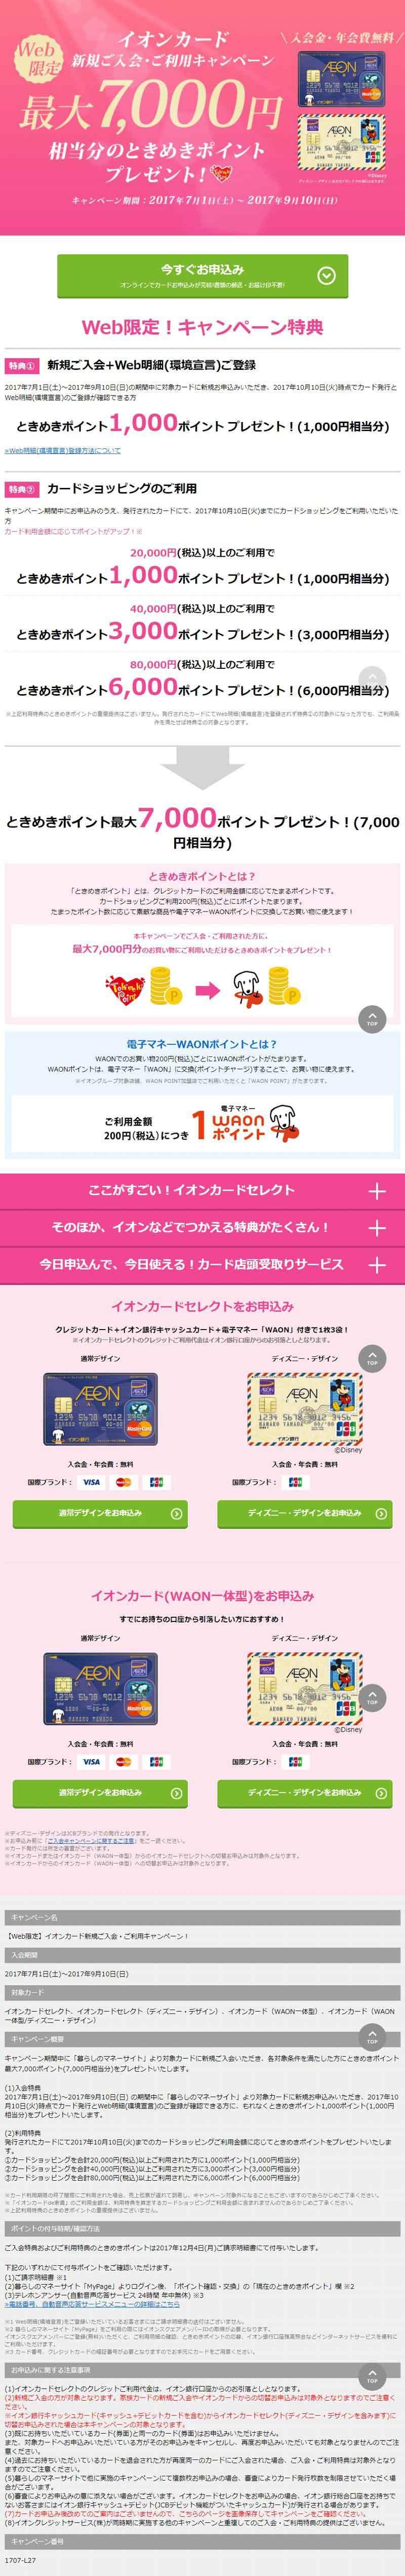 2017年7月1日(土)~2017年9月10日(日)までの新規入会申込みキャンペーンページのキャプチャー画像